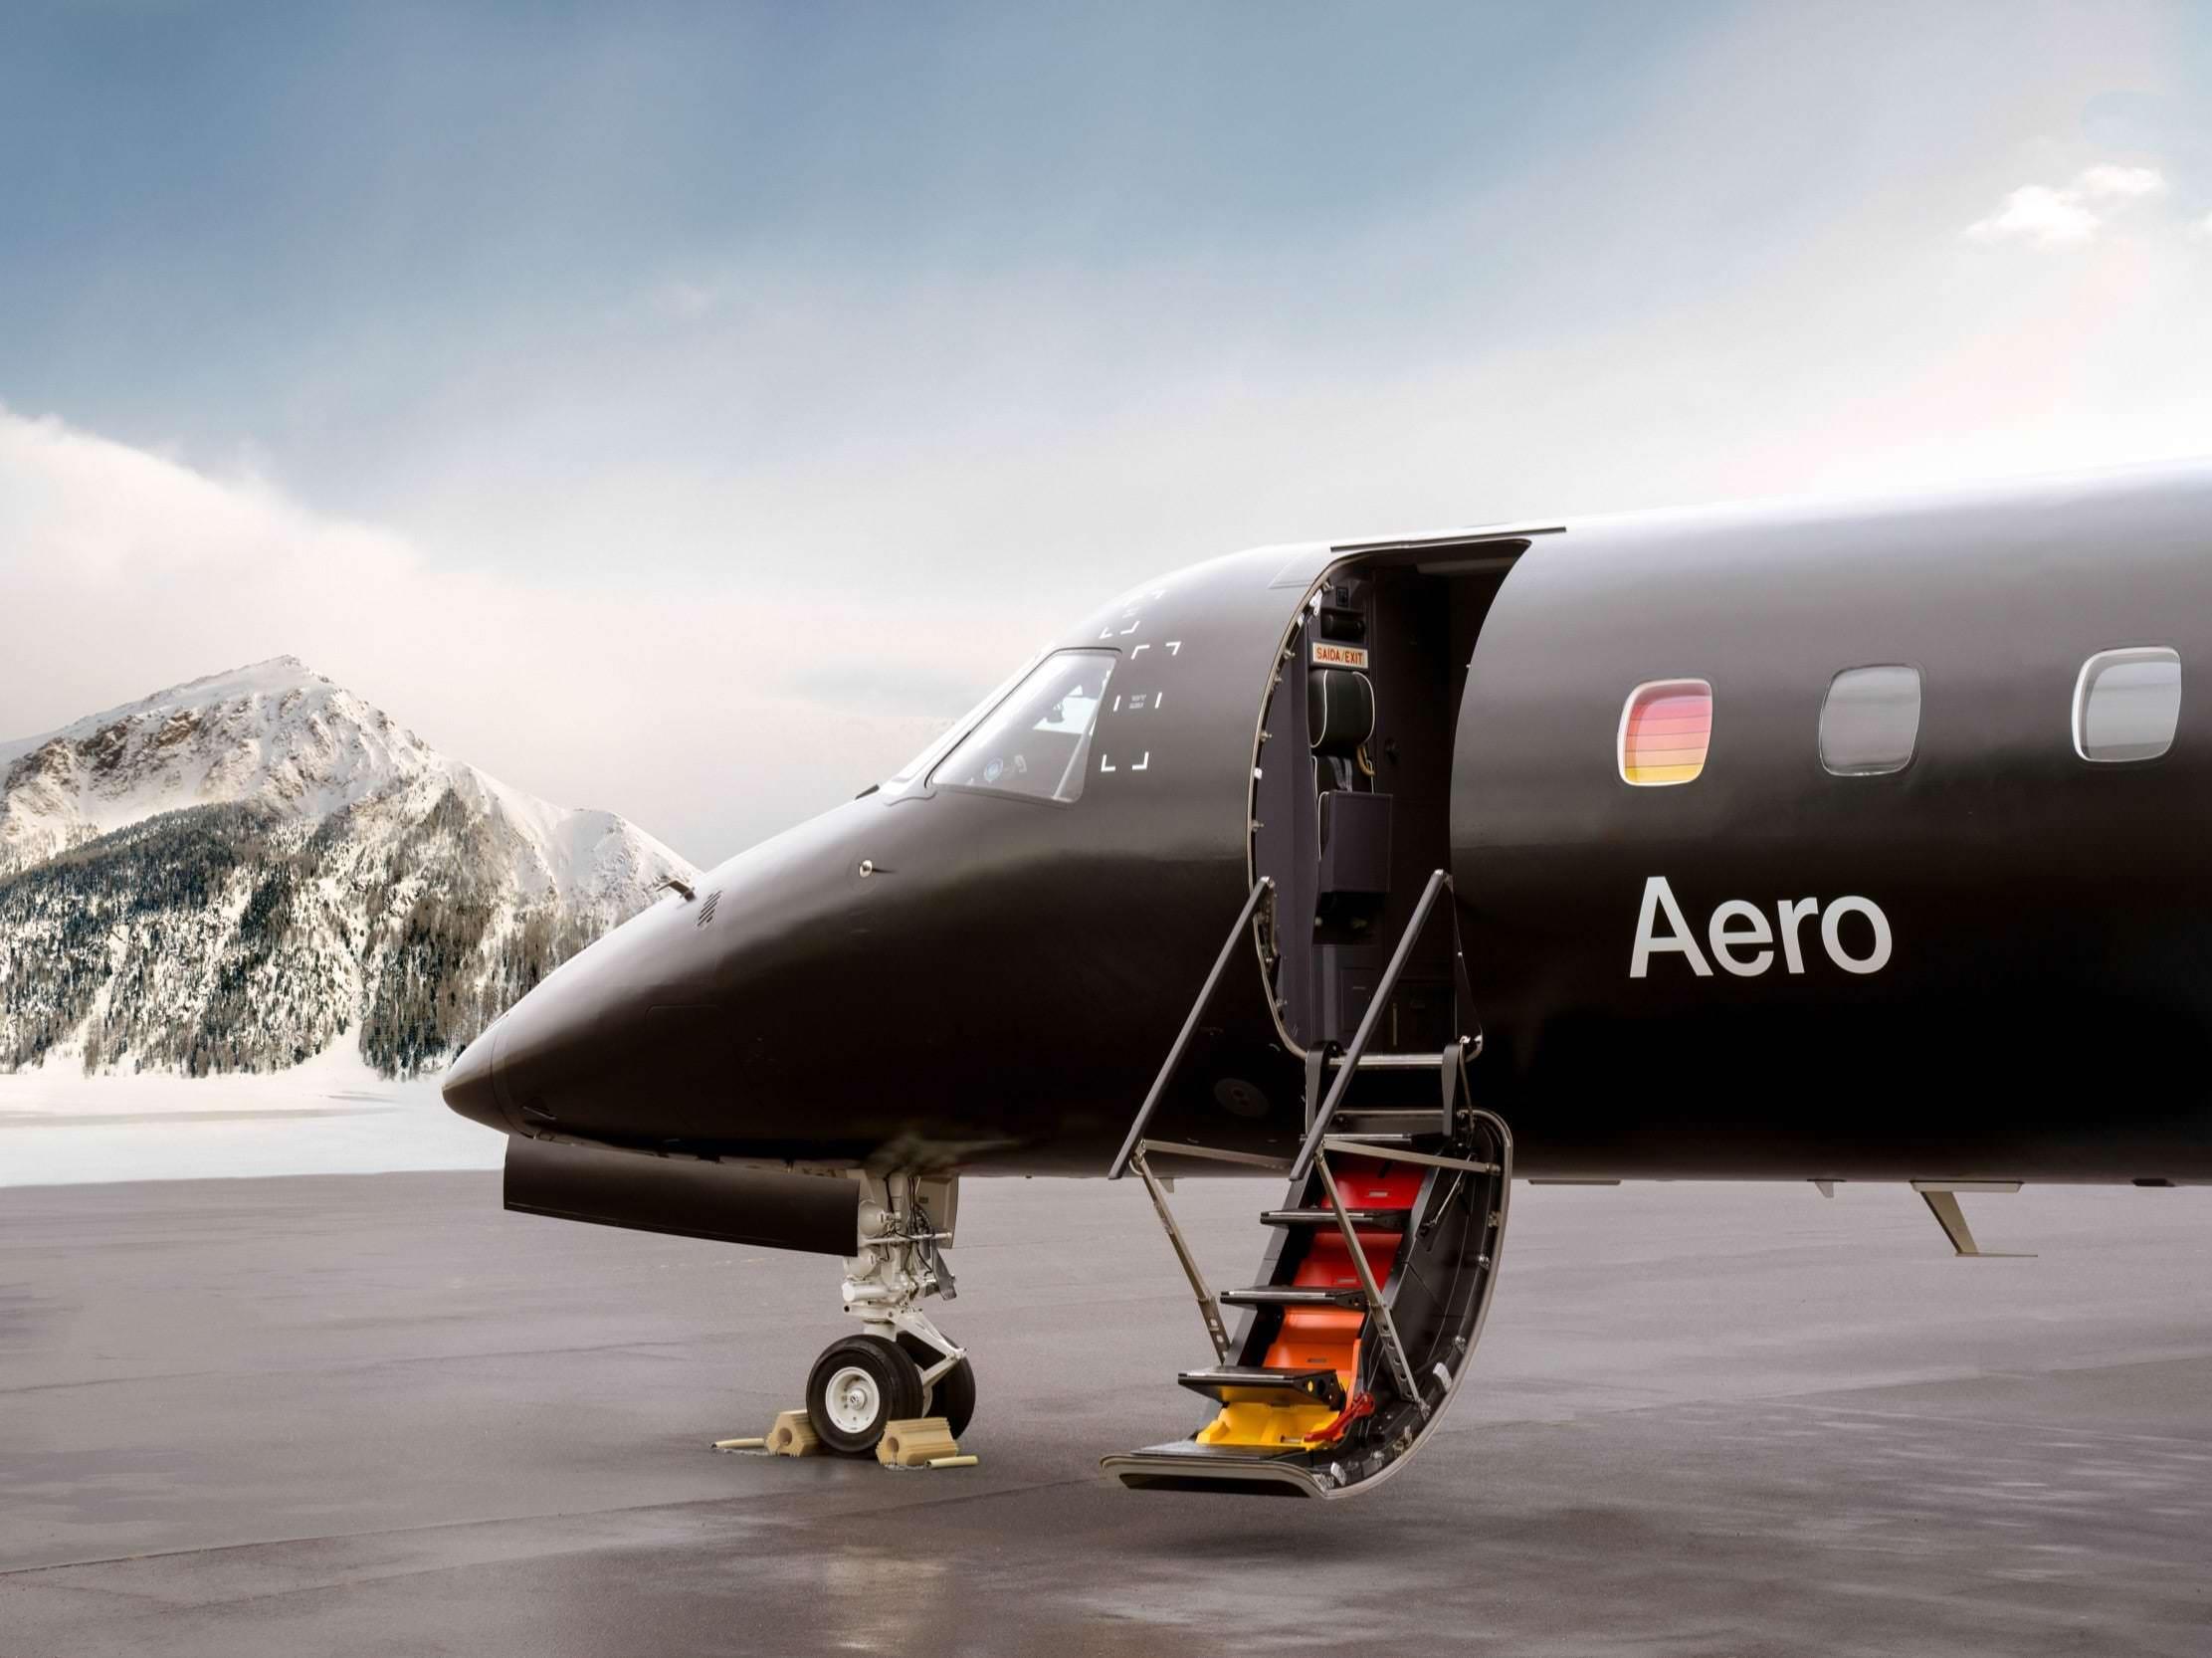 Uma nova companhia aérea de luxo está lançando voos no mês que vem com um avião semelhante a um jato particular – aqui está um olhar mais atento sobre a Aero